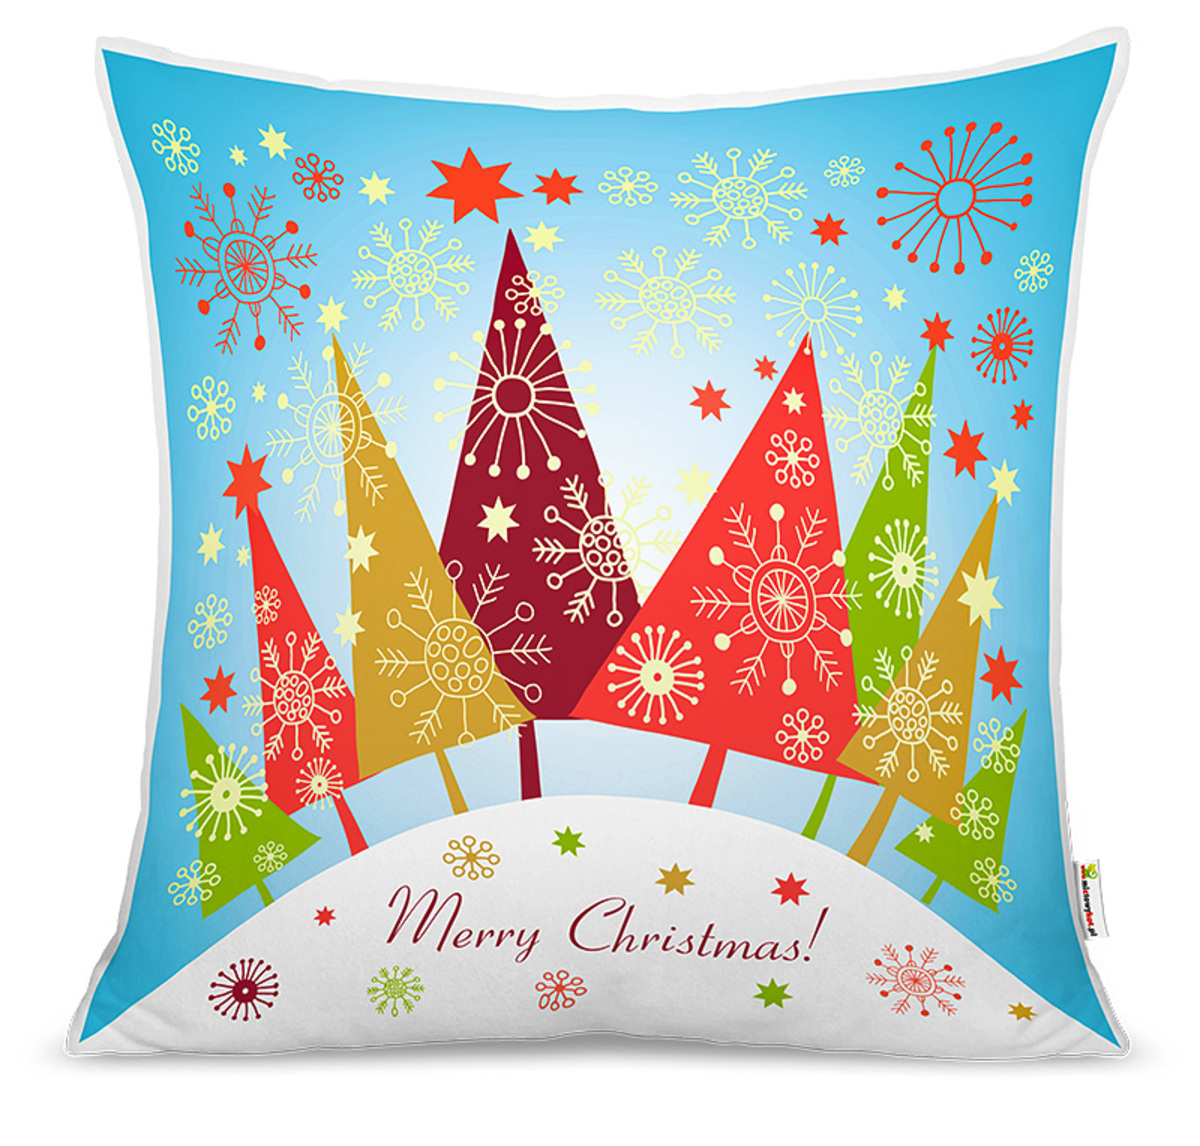 Vianočný detský vankúš Vianočné stromčeky poťah + výplň 40x40 cm